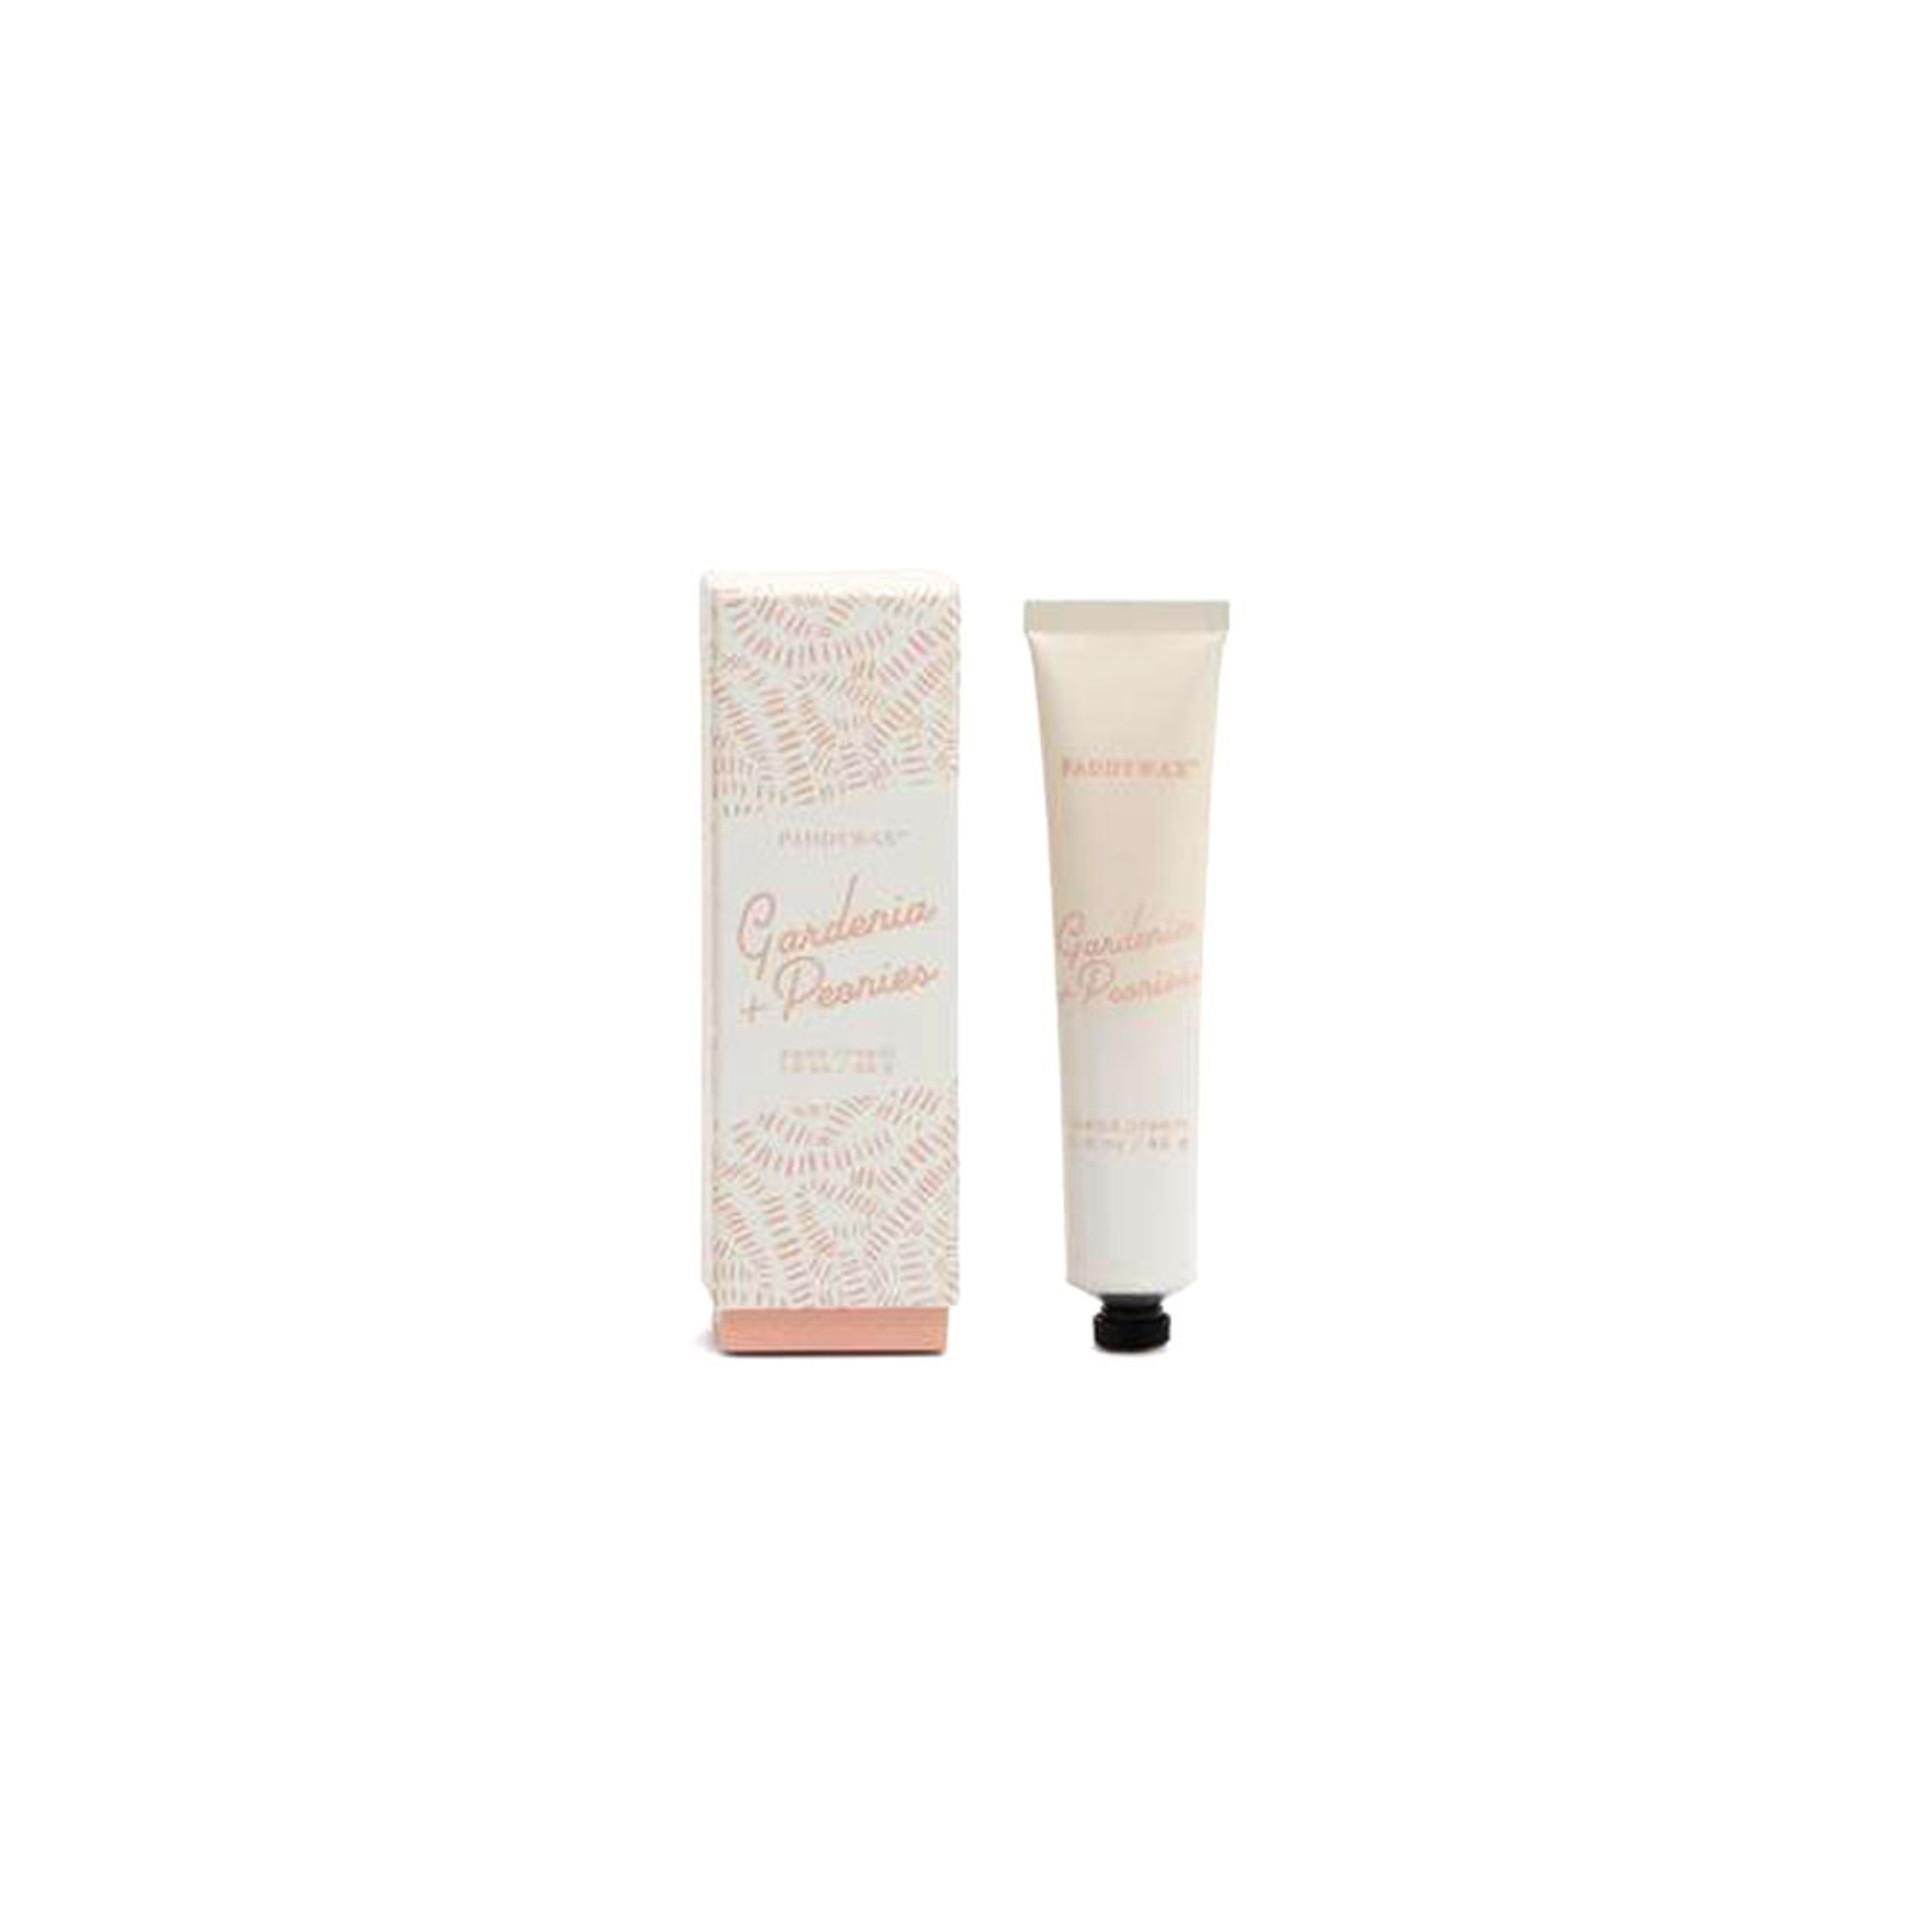 Paddywax Gardenia Peonies Hand Cream